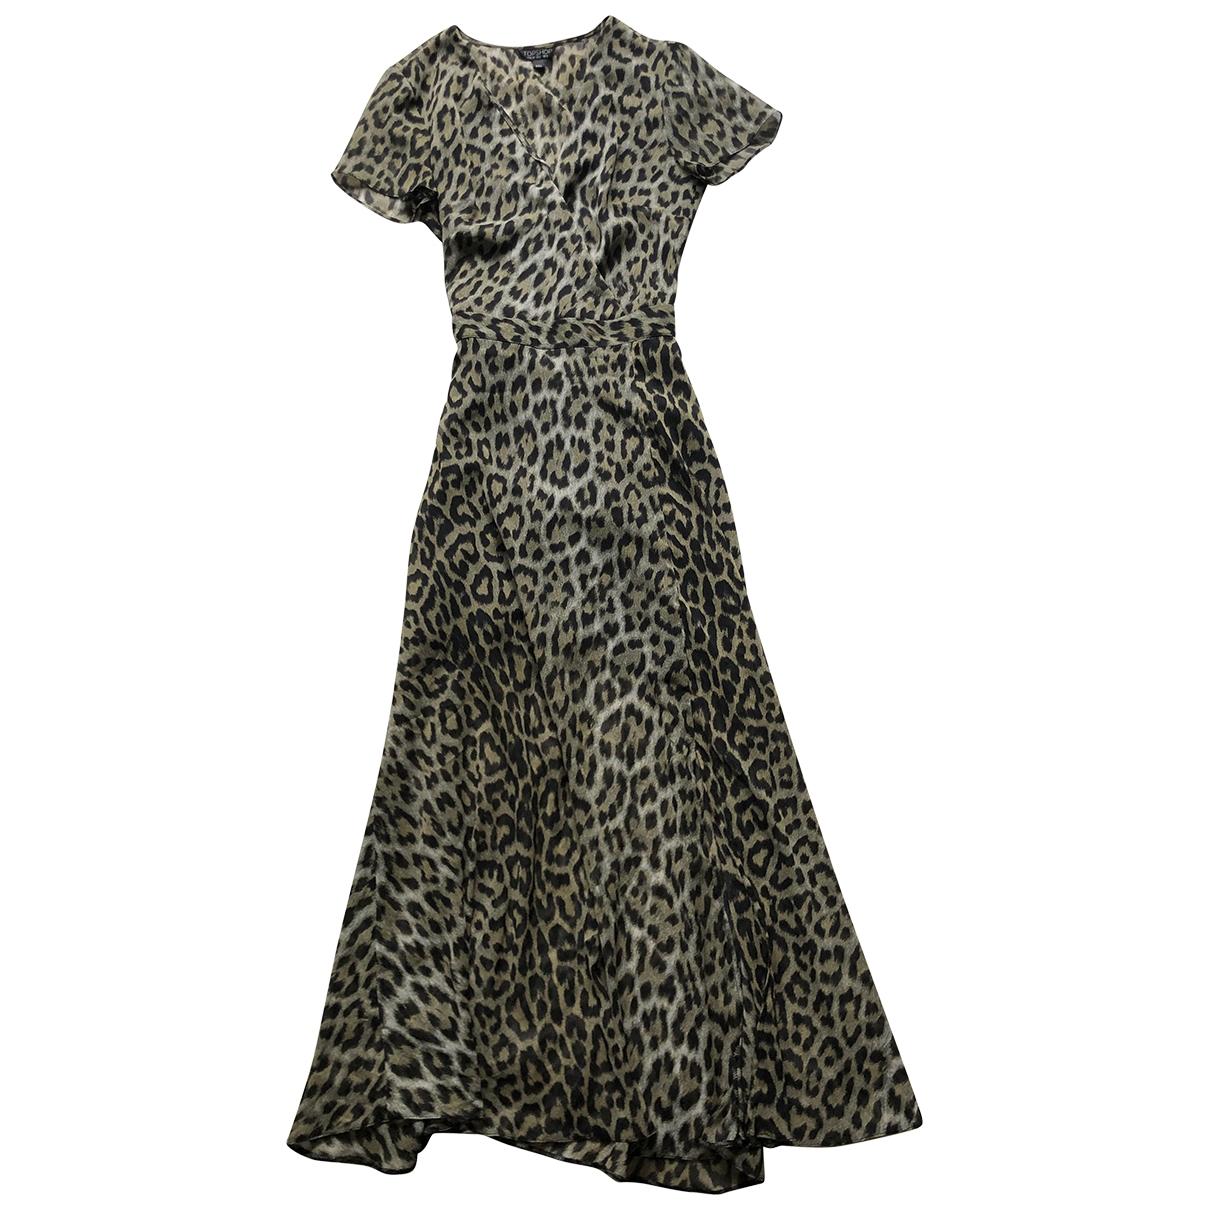 Tophop \N Kleid in  Khaki Polyester